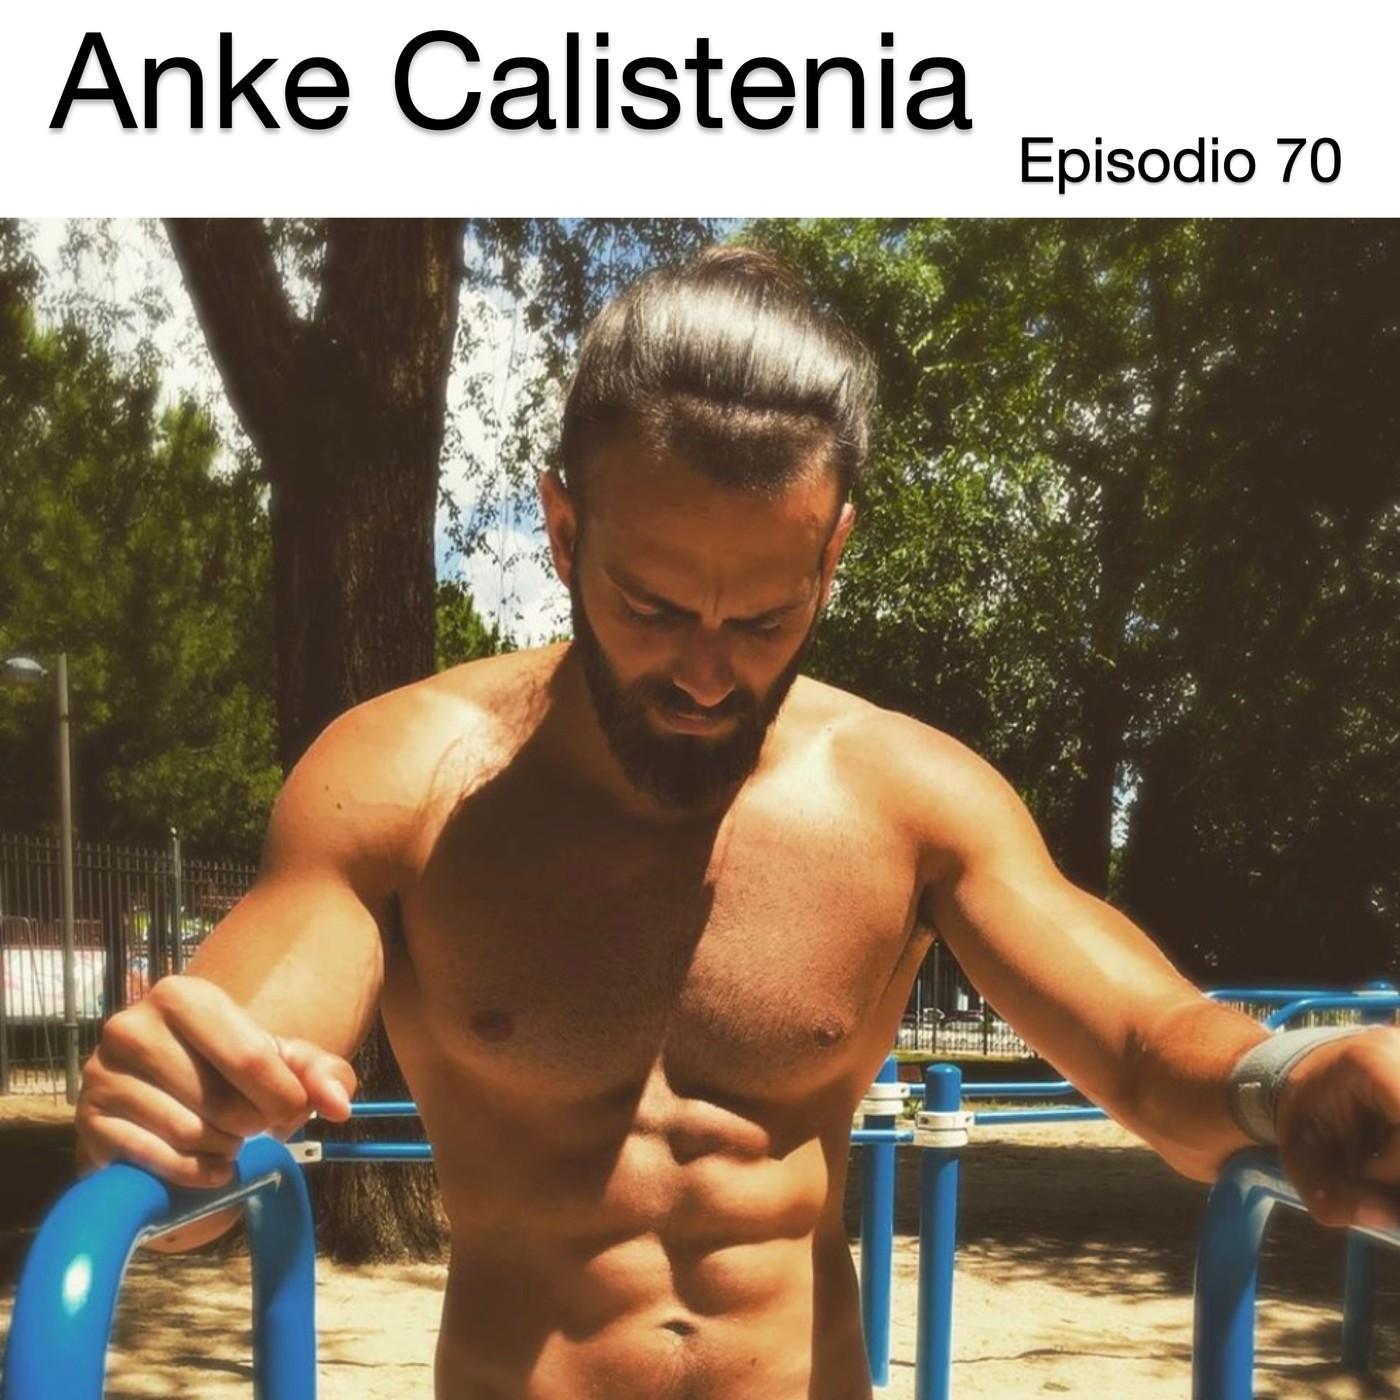 Anke Calistenia // Leyenda del Muscle up // Encontré mi pasión dando un paseo // BARBARRIO y el origen del Streetworkout